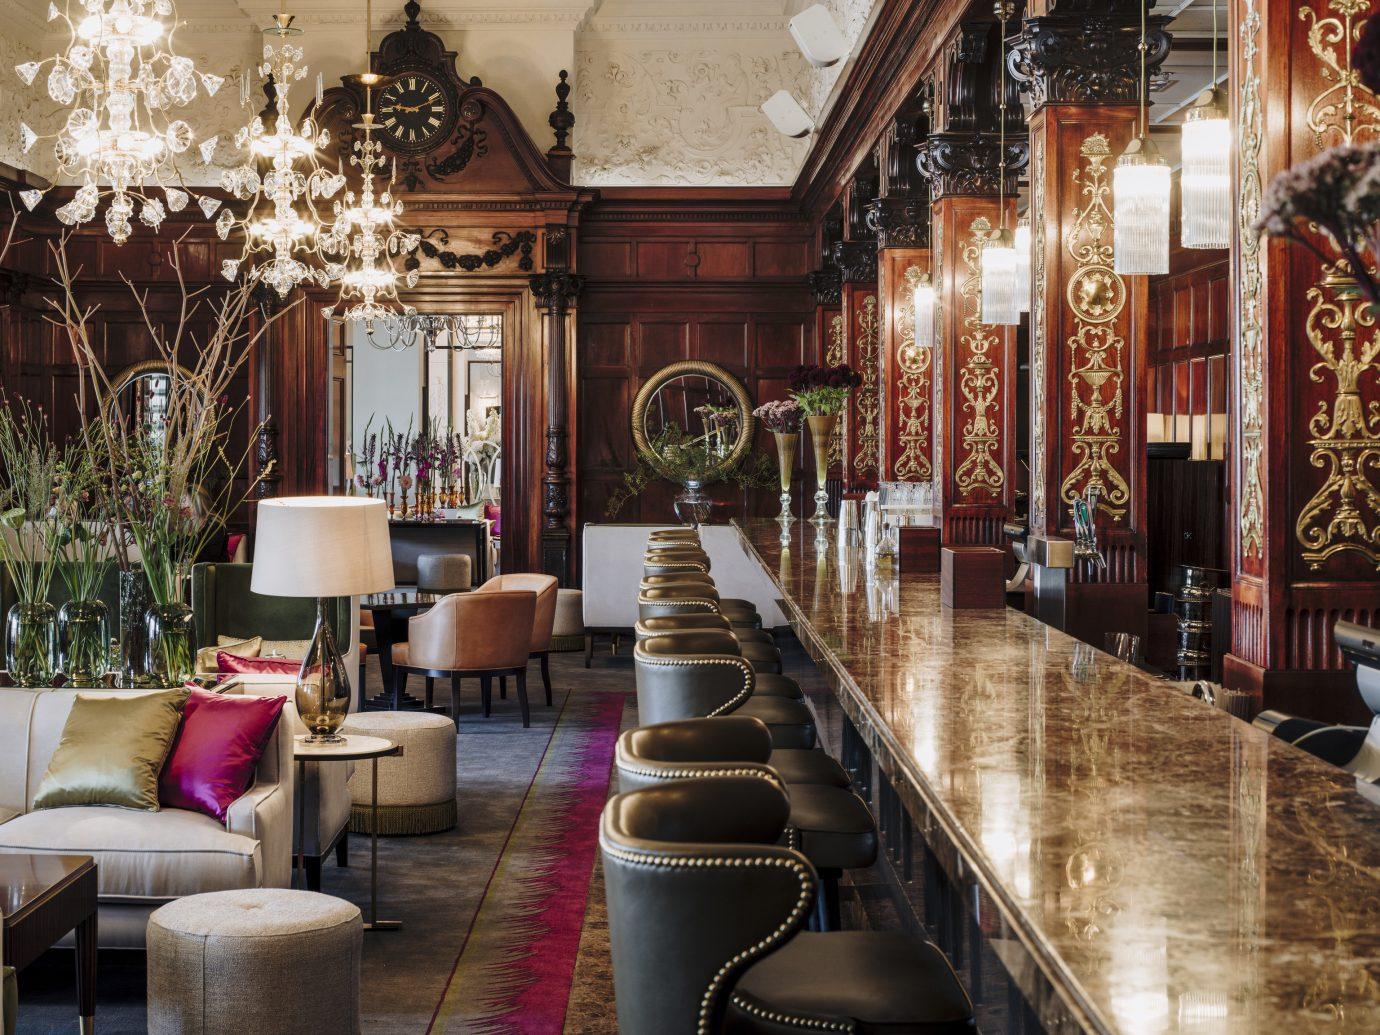 Hotels Stockholm Sweden indoor floor room interior design Living restaurant Lobby furniture Dining area several